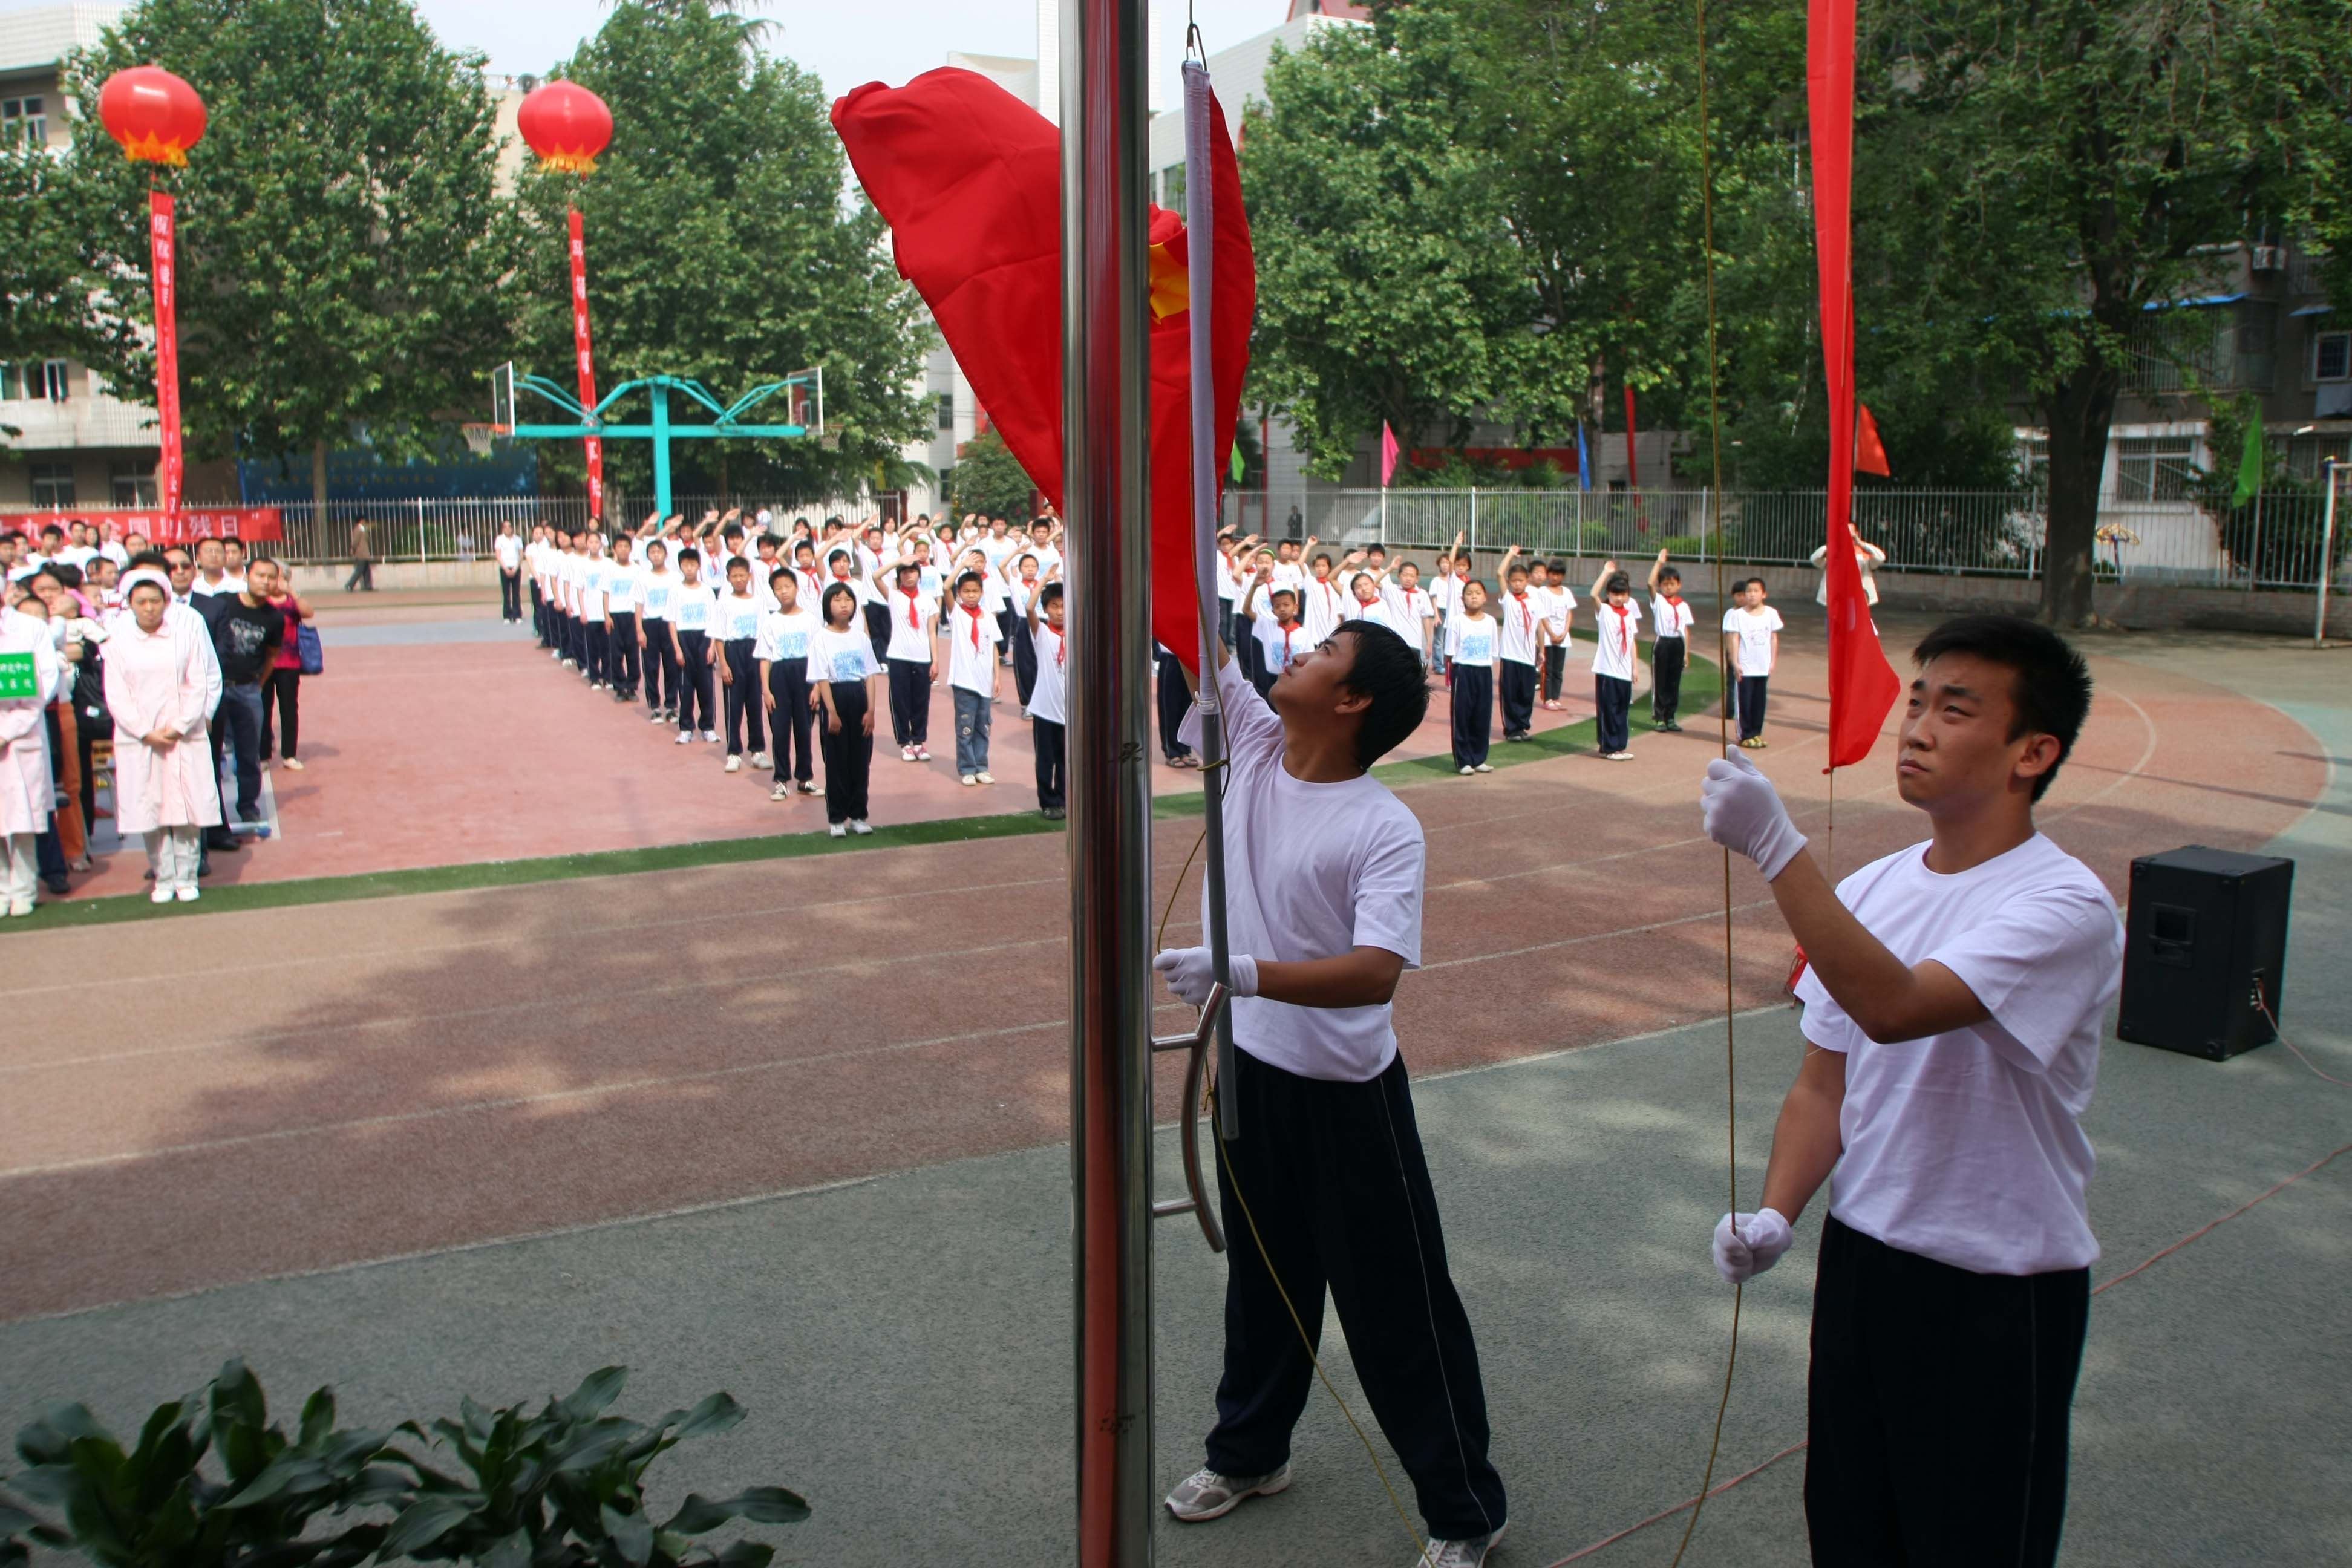 庄严的升国旗仪式